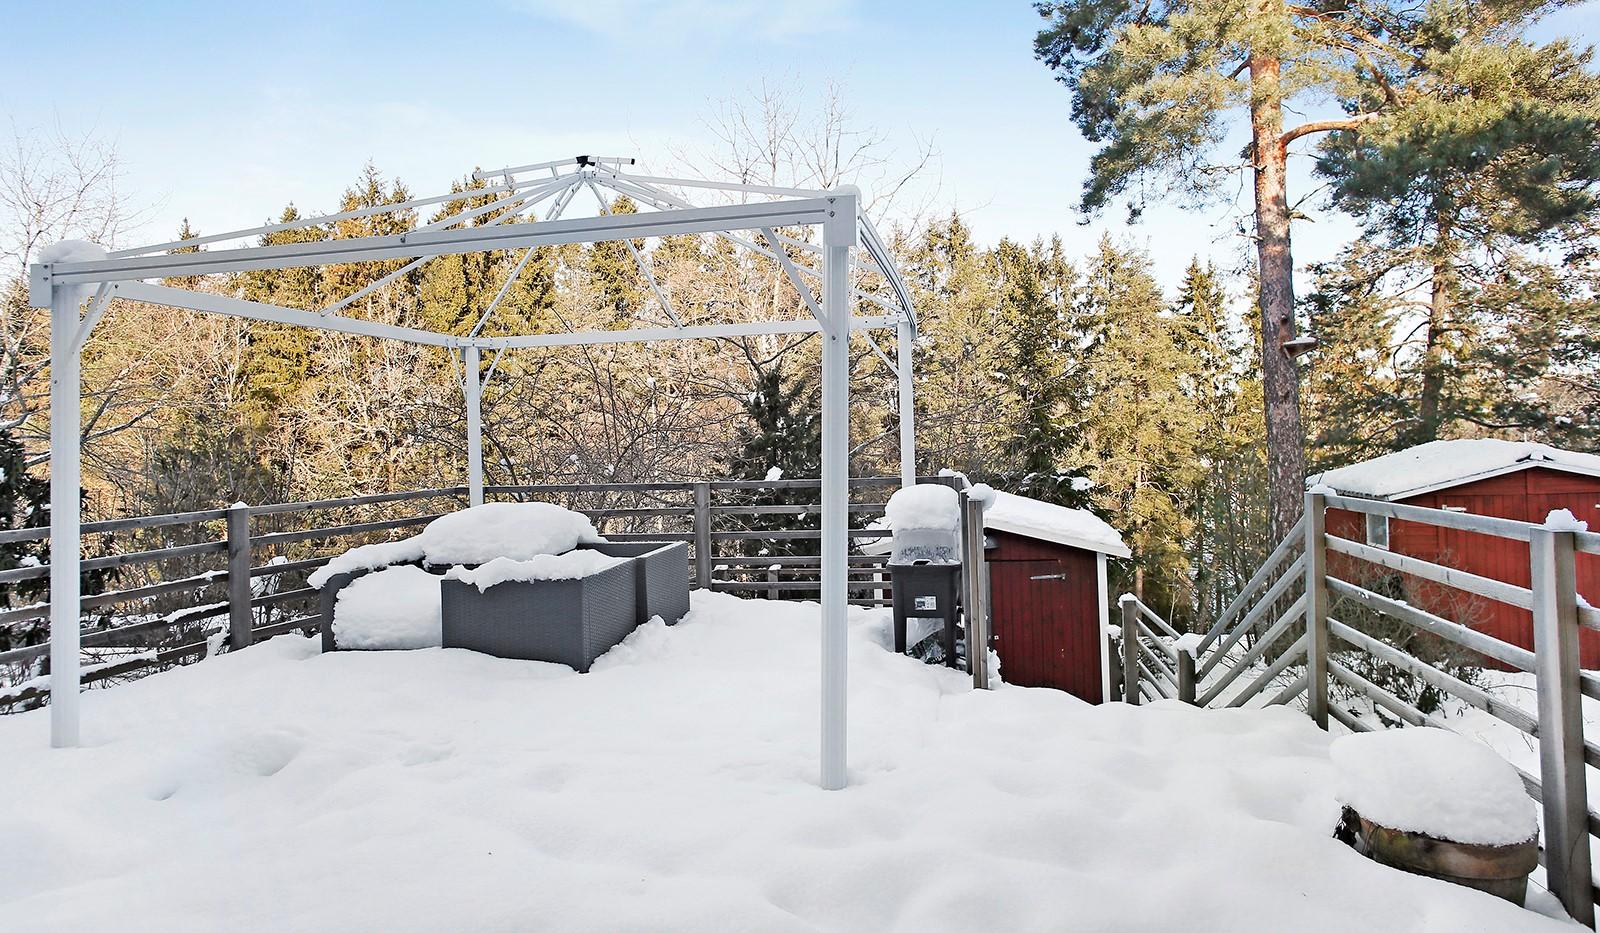 Hallundavägen 83 - 2st altaner med grillmöjligheter